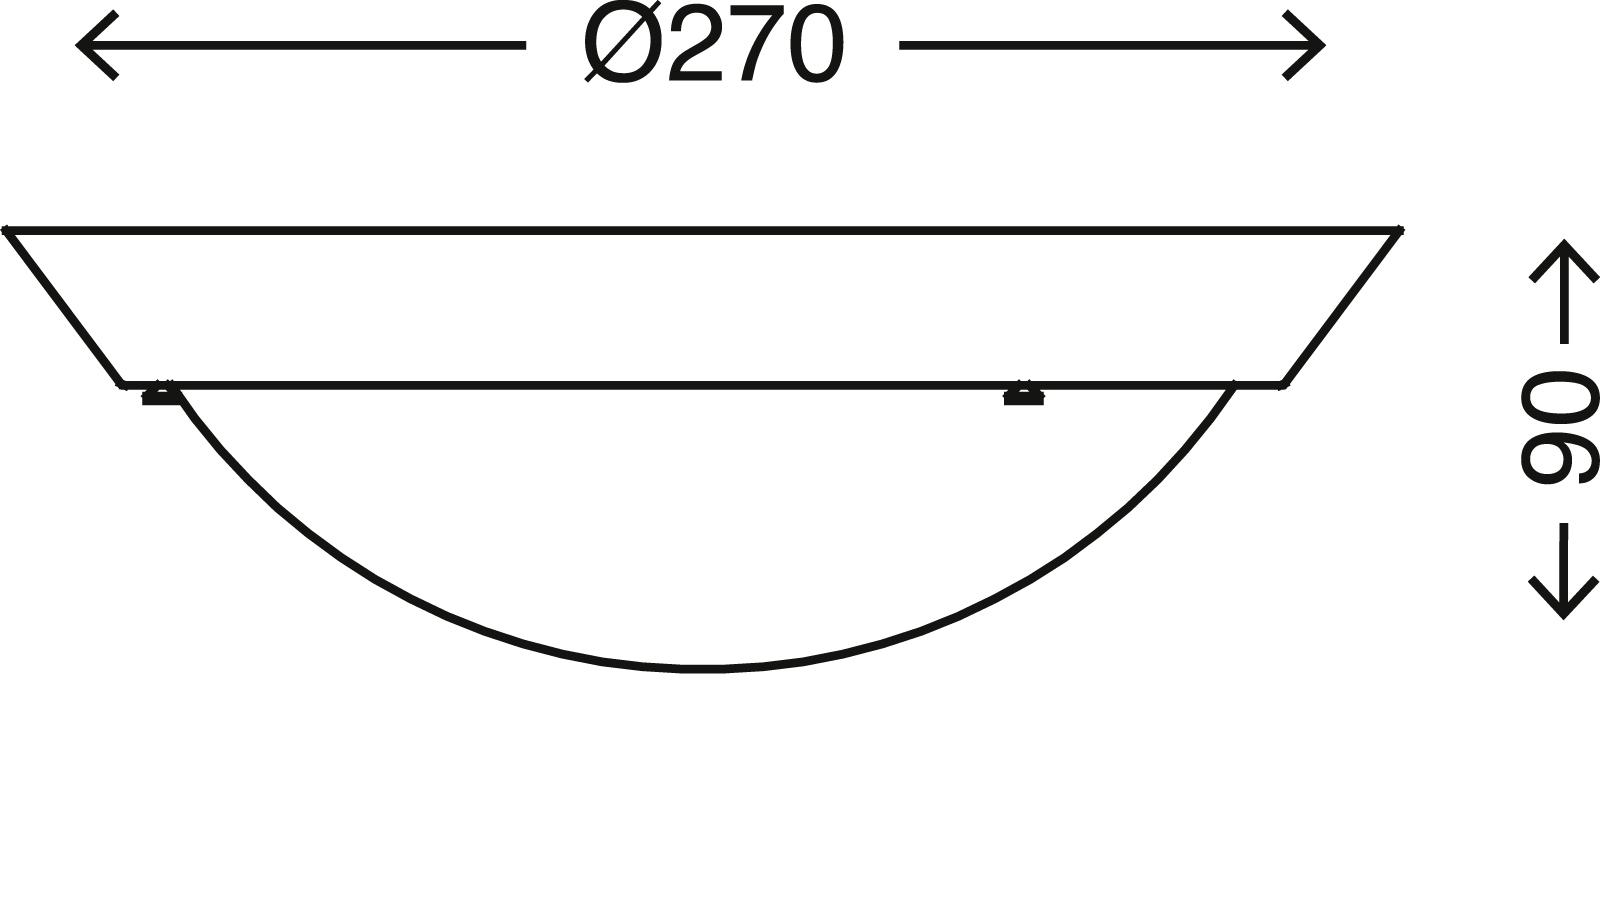 LED Deckenleuchte, Ø 27 cm, max. 60 W, Weiss